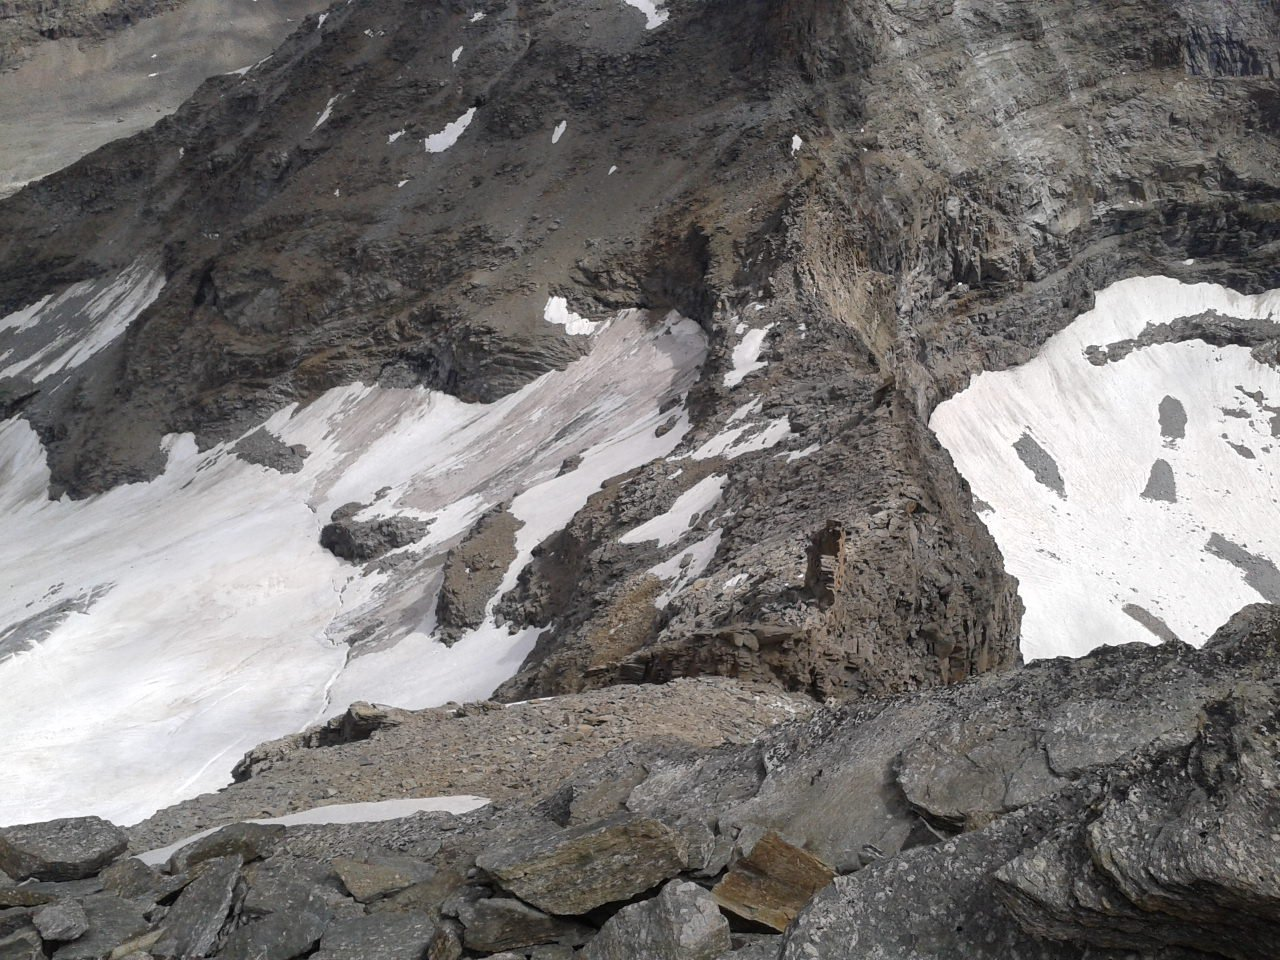 Lo stato sttuale della cresta e del ghiacciaio sotto il  Ciarforon